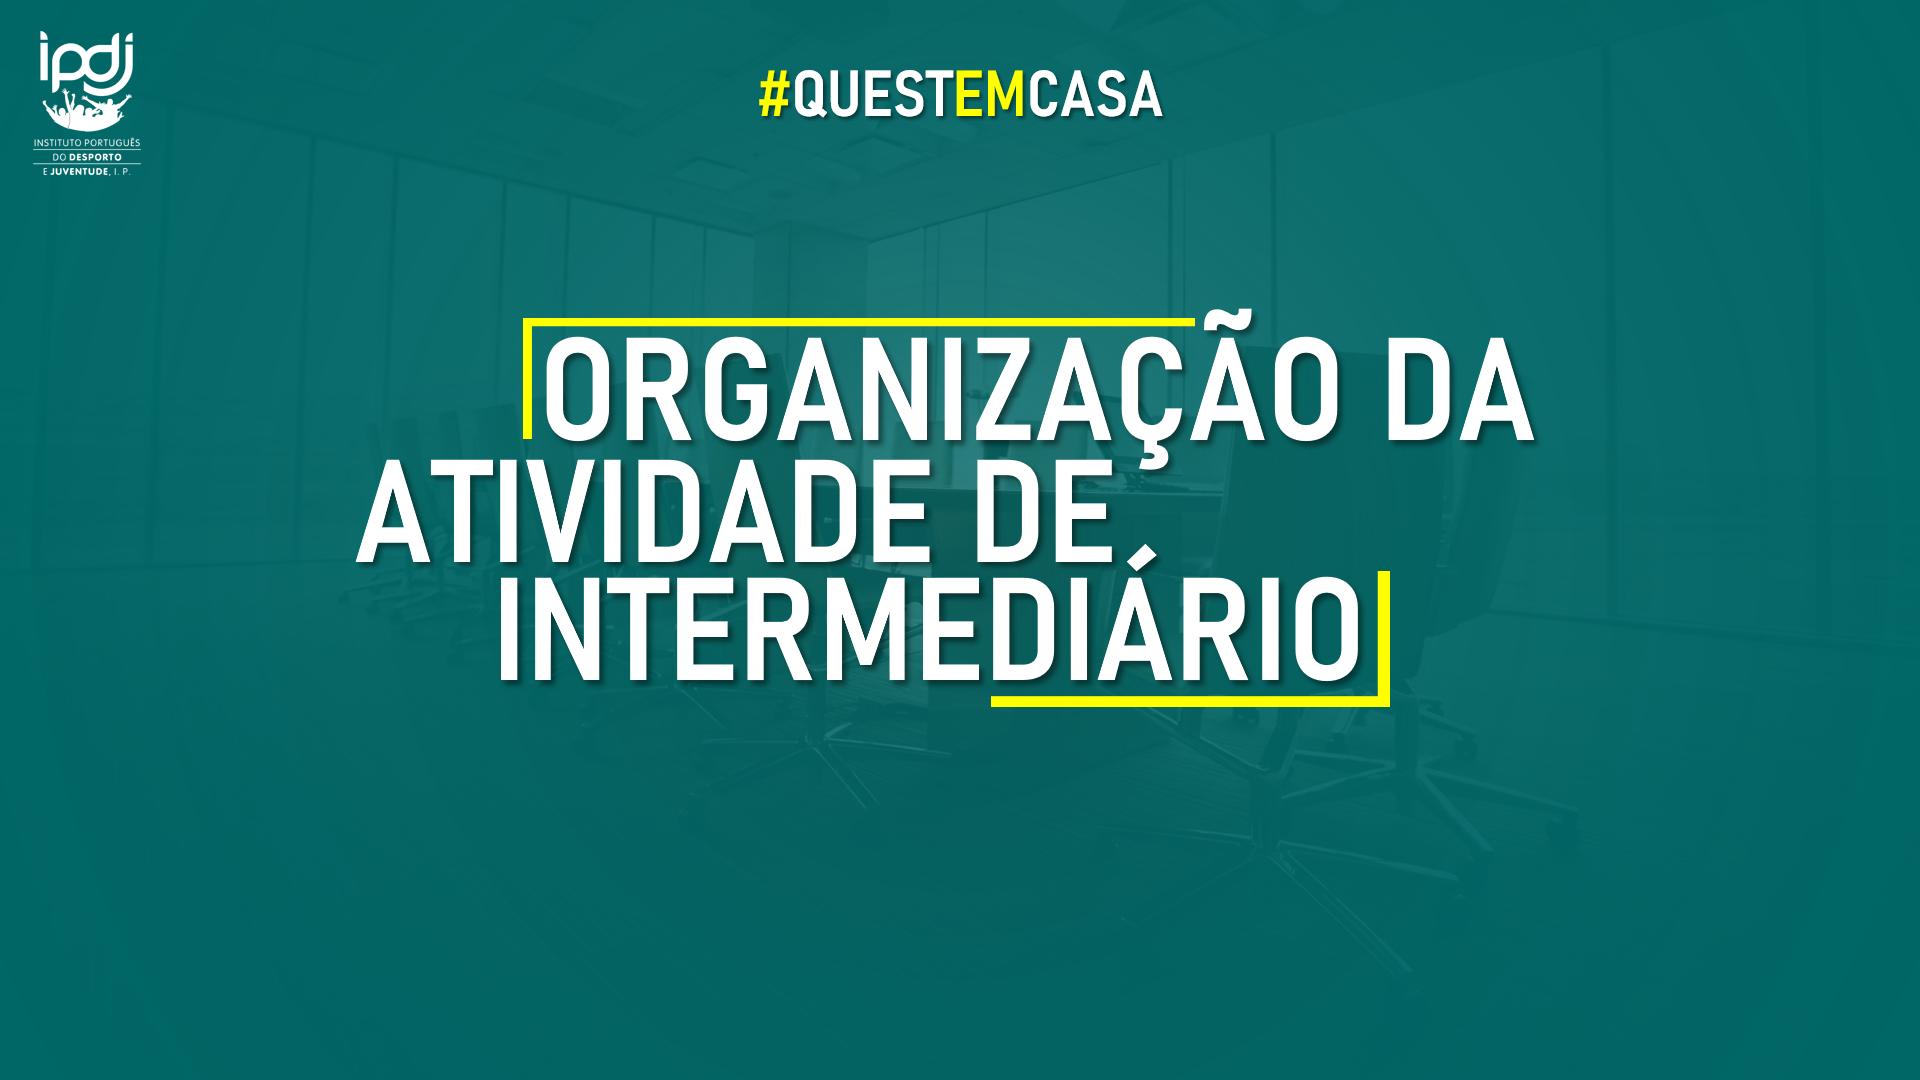 ORGANIZAÇÃO DA ATIVIDADE DE INTERMEDIÁRIO